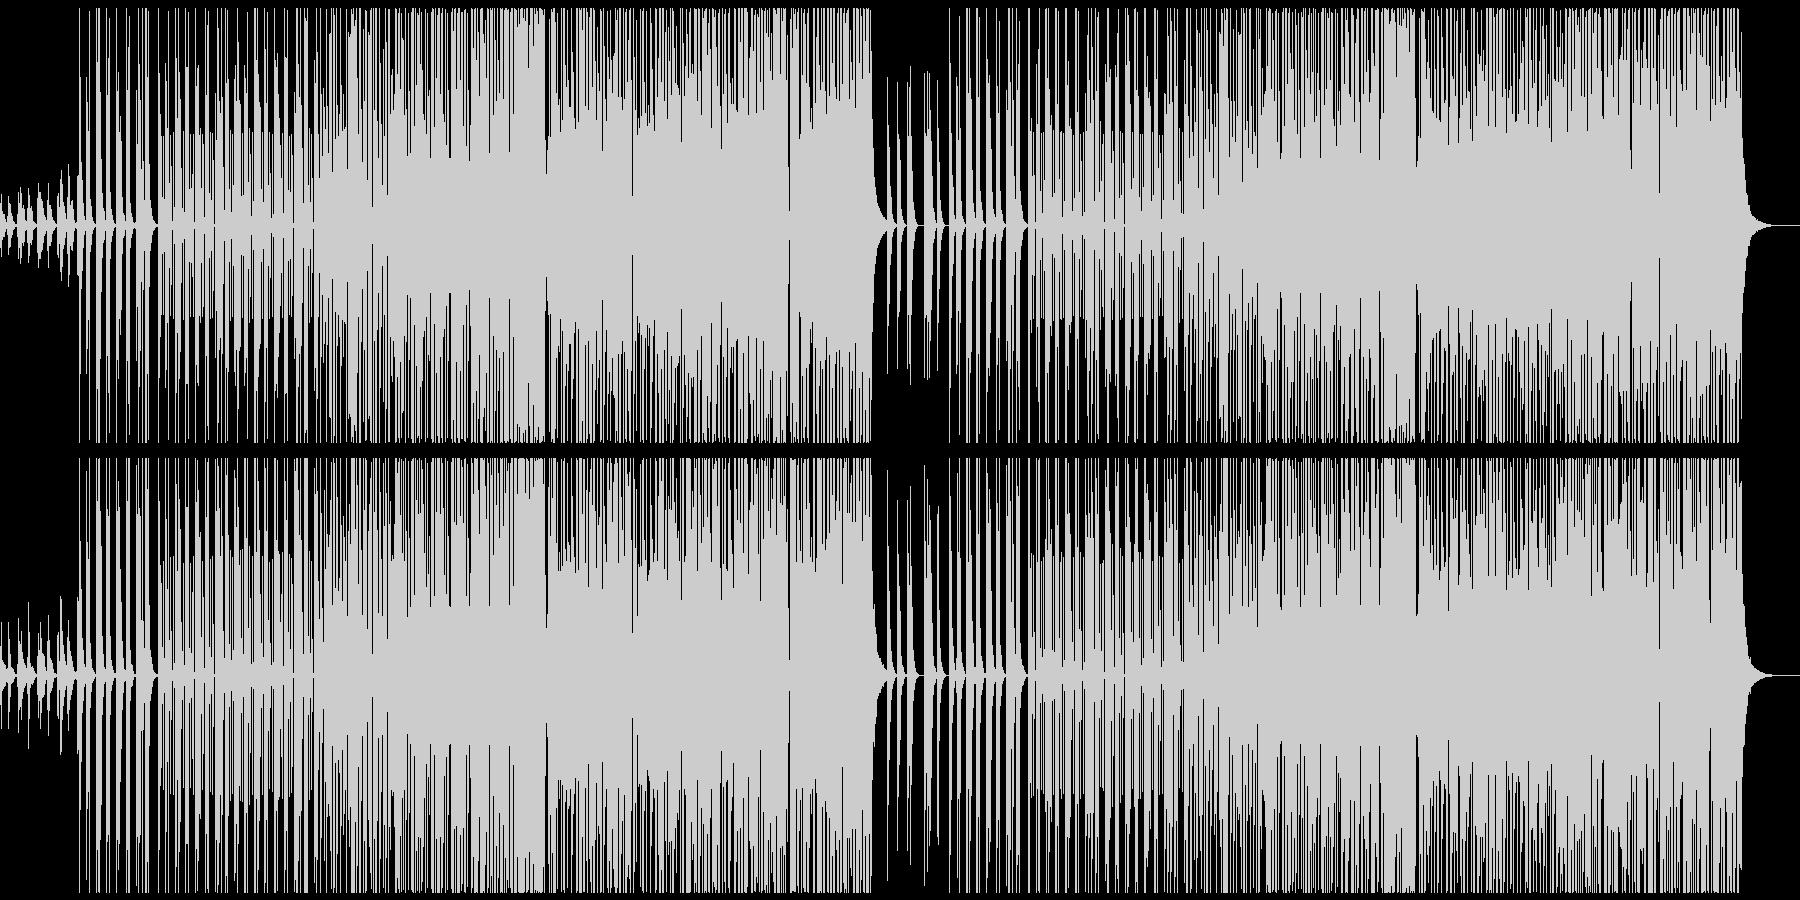 ドラムラインFuture Pop の未再生の波形